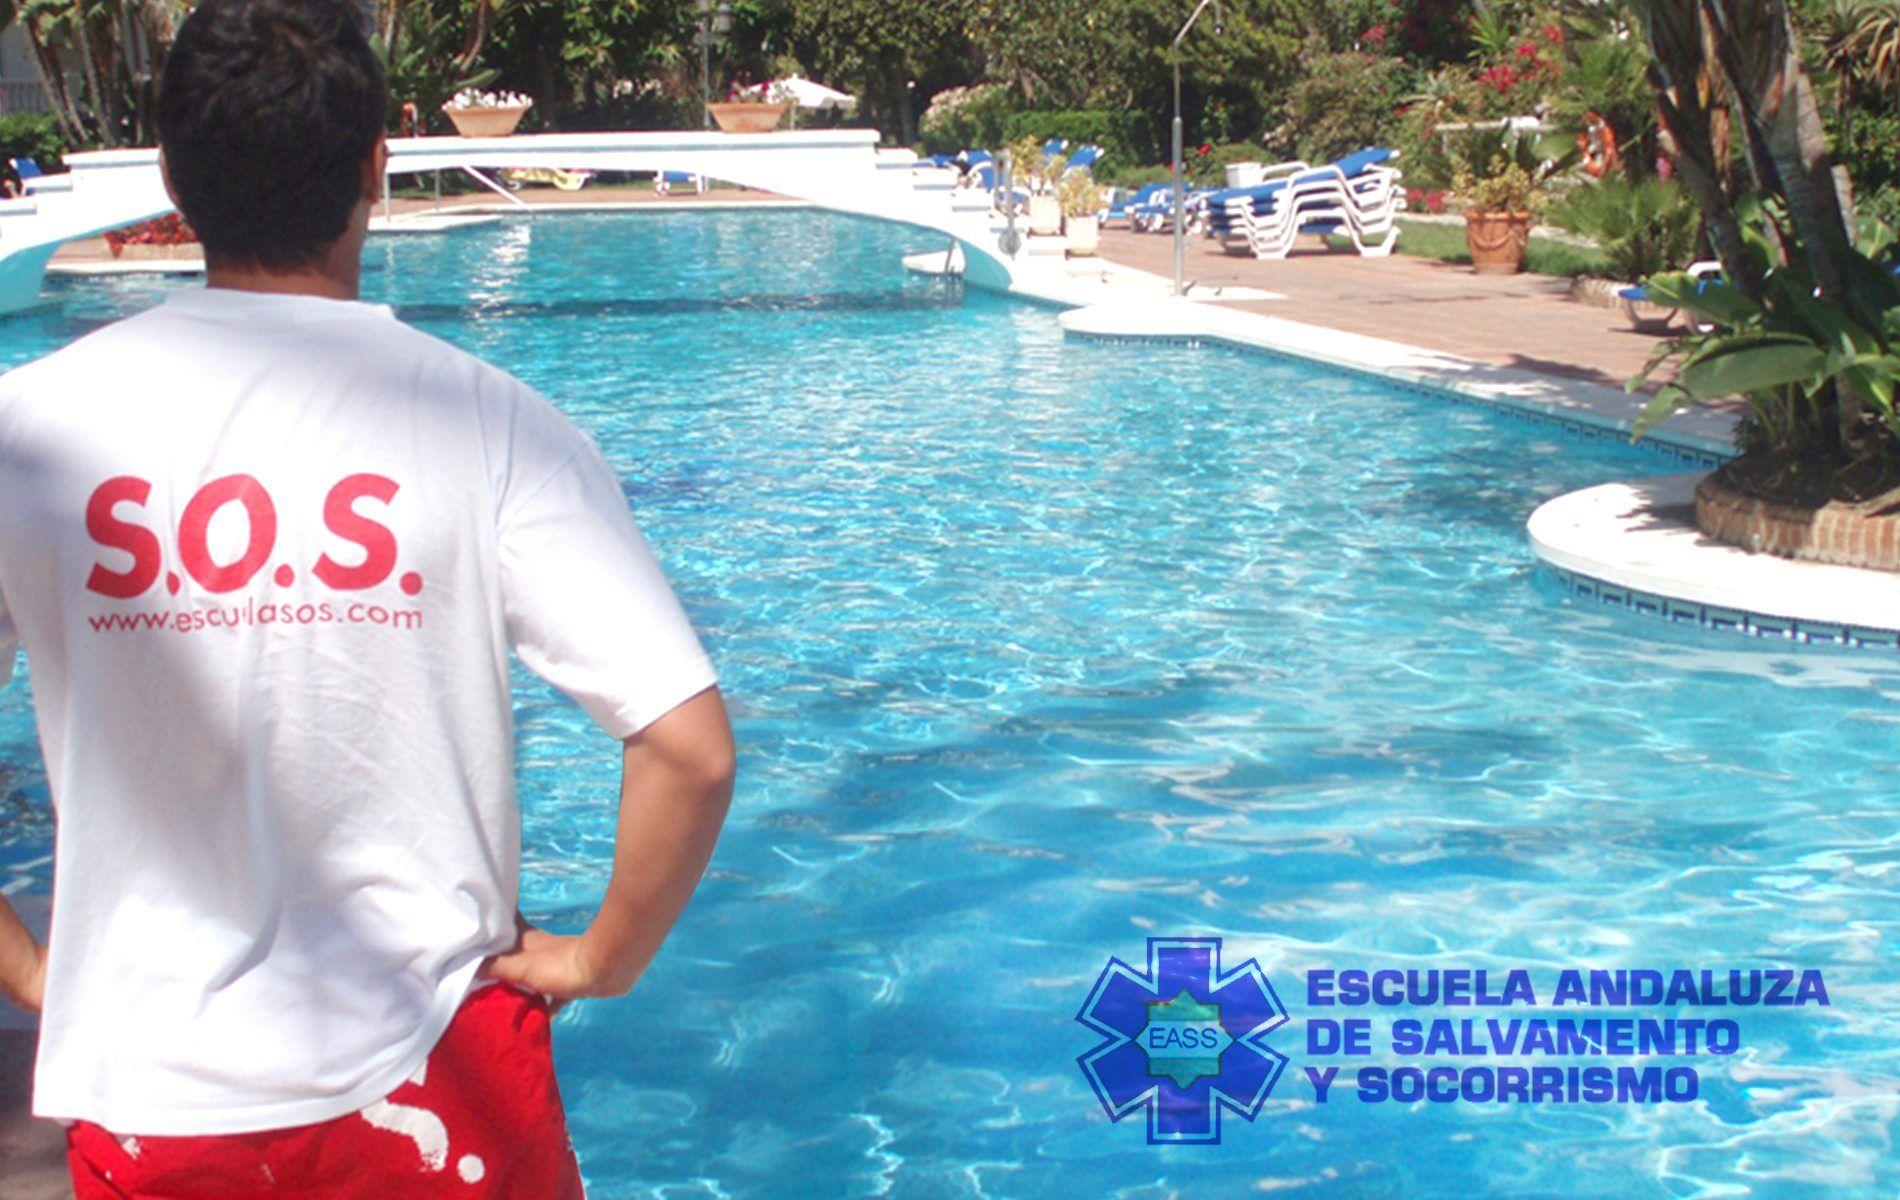 La Escuela Andaluza de Salvamento y Socorrismo encara 2021 con optimismo y lanza su nueva plataforma online